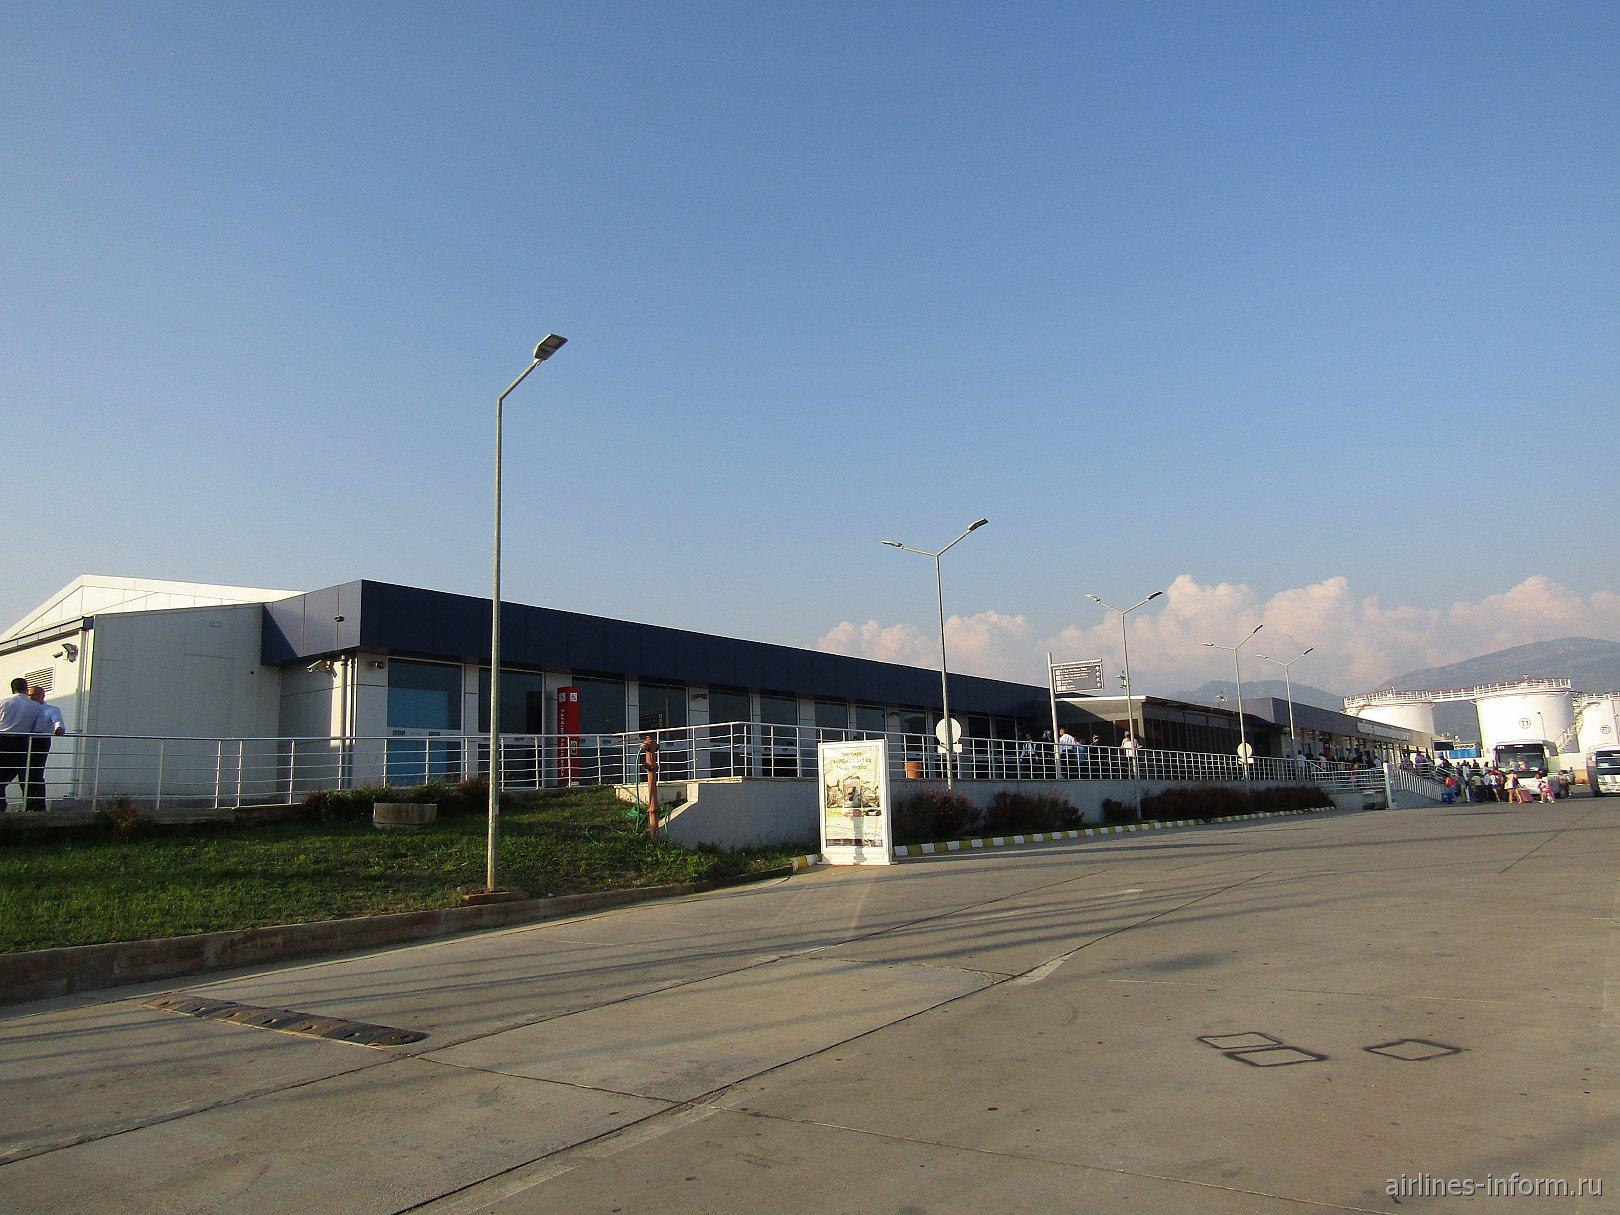 Пассажирский терминал аэропорта Алания Газипаша